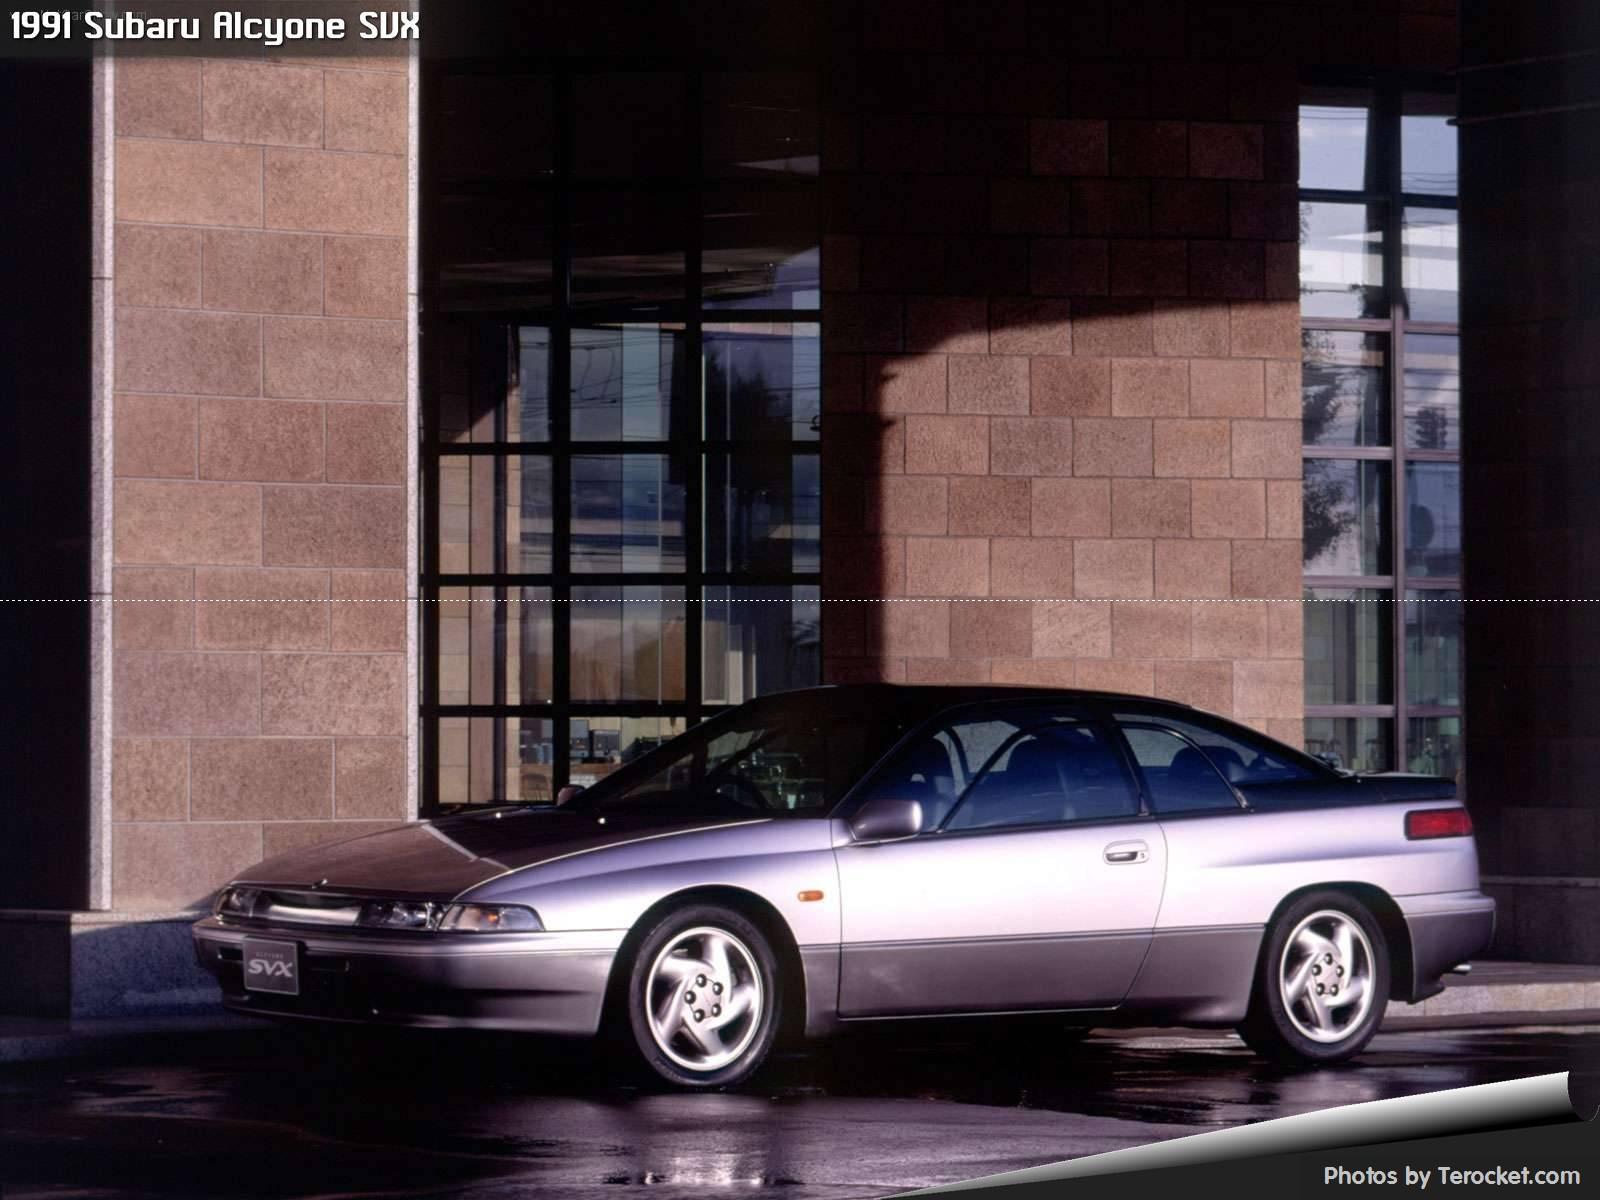 Hình ảnh xe ô tô Subaru Alcyone SVX 1991 & nội ngoại thất